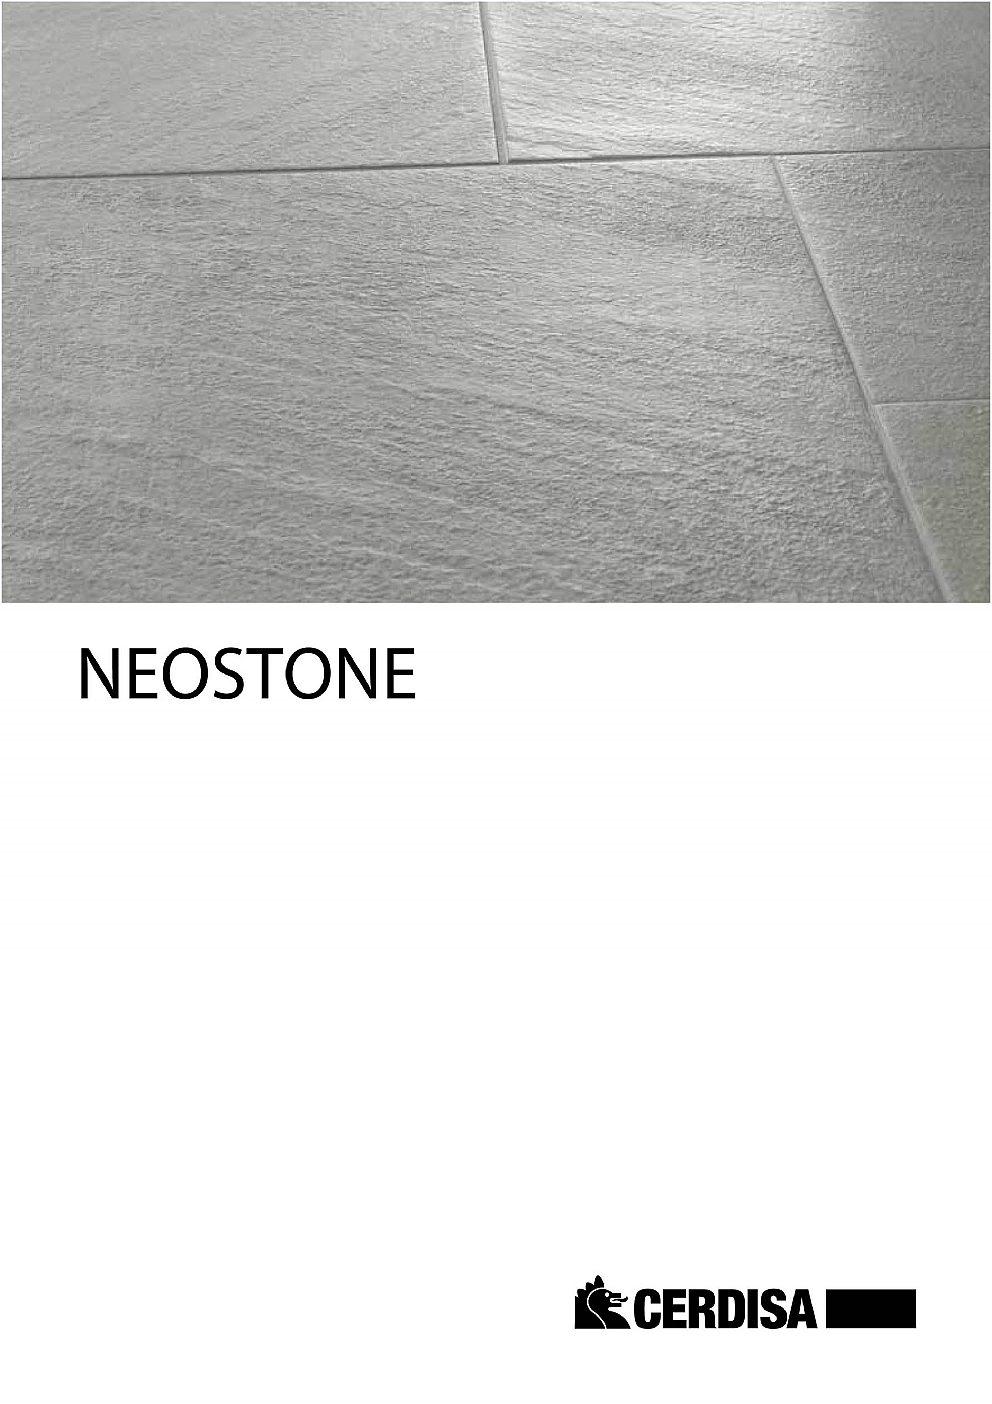 Cerdisa - Neostone